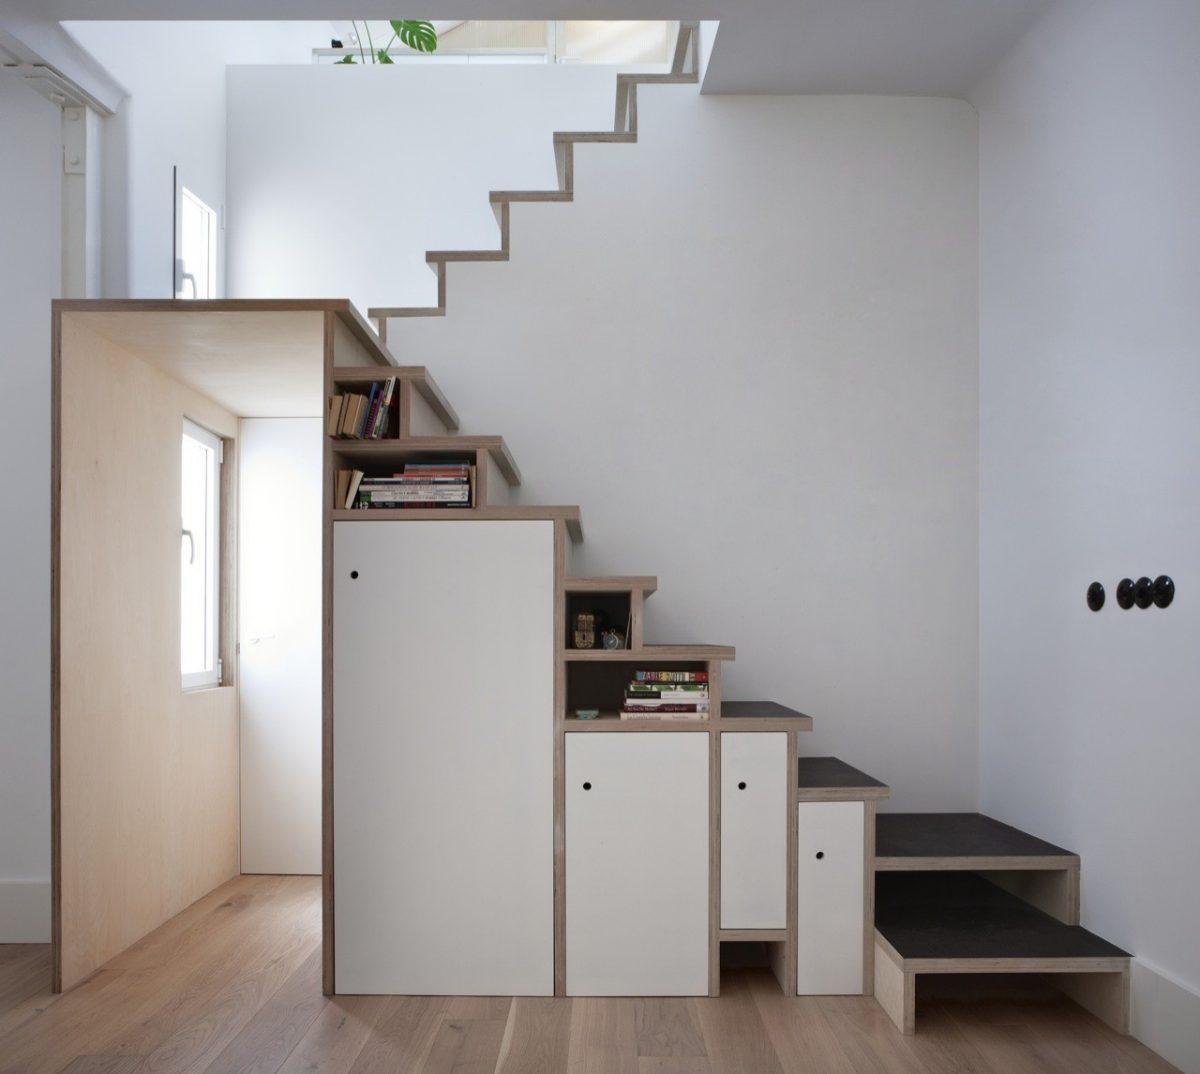 Soluzioni salvaspazio casa - Soluzioni salvaspazio camera da letto ...